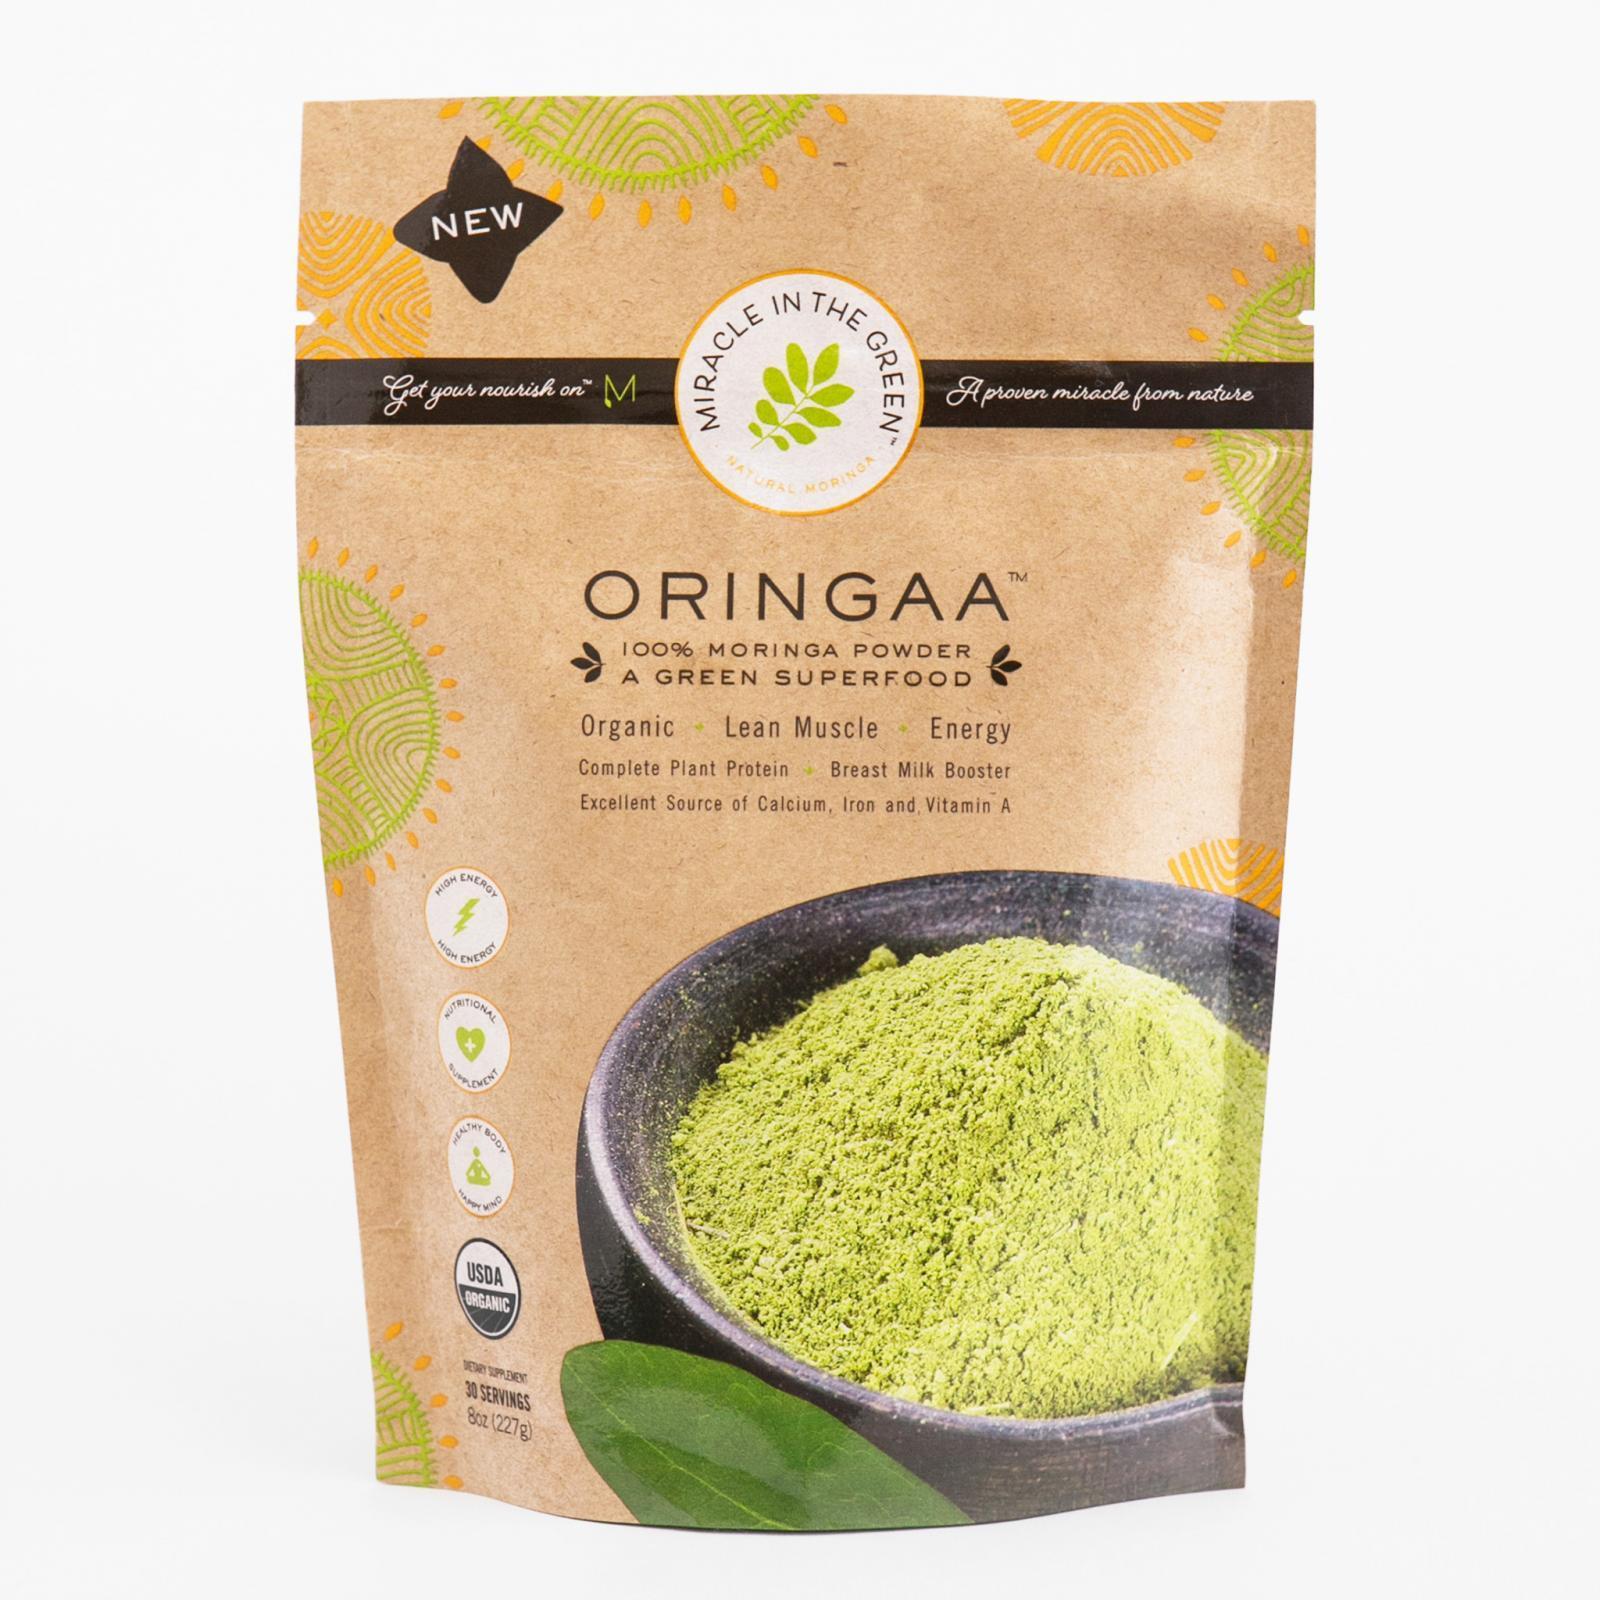 Anti-aging 100% Moringa Leaf Powder